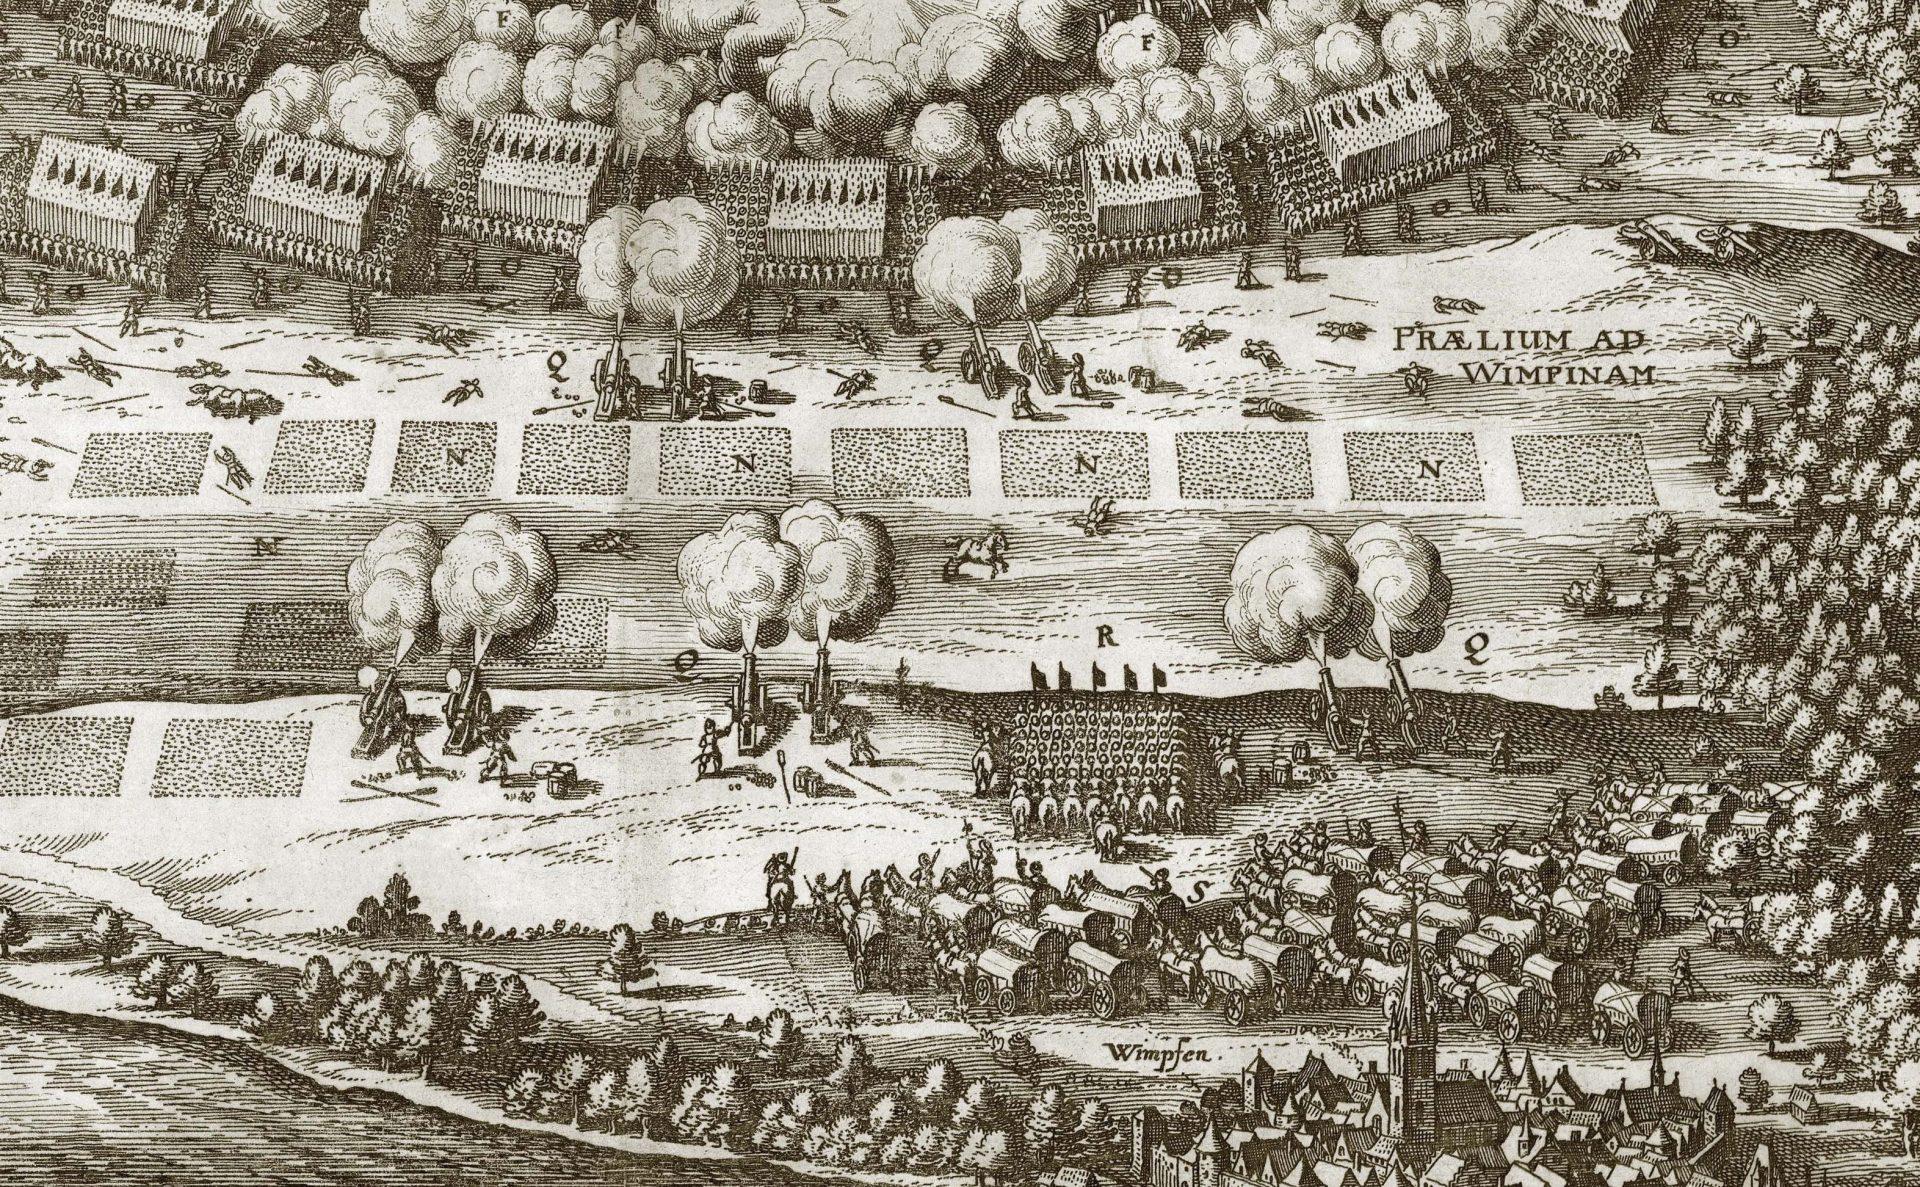 Kopparstick som visar ett slag. Man ser kanoner som skjuter mot fotsoldater. I förgrunden många vagnar med hästar.